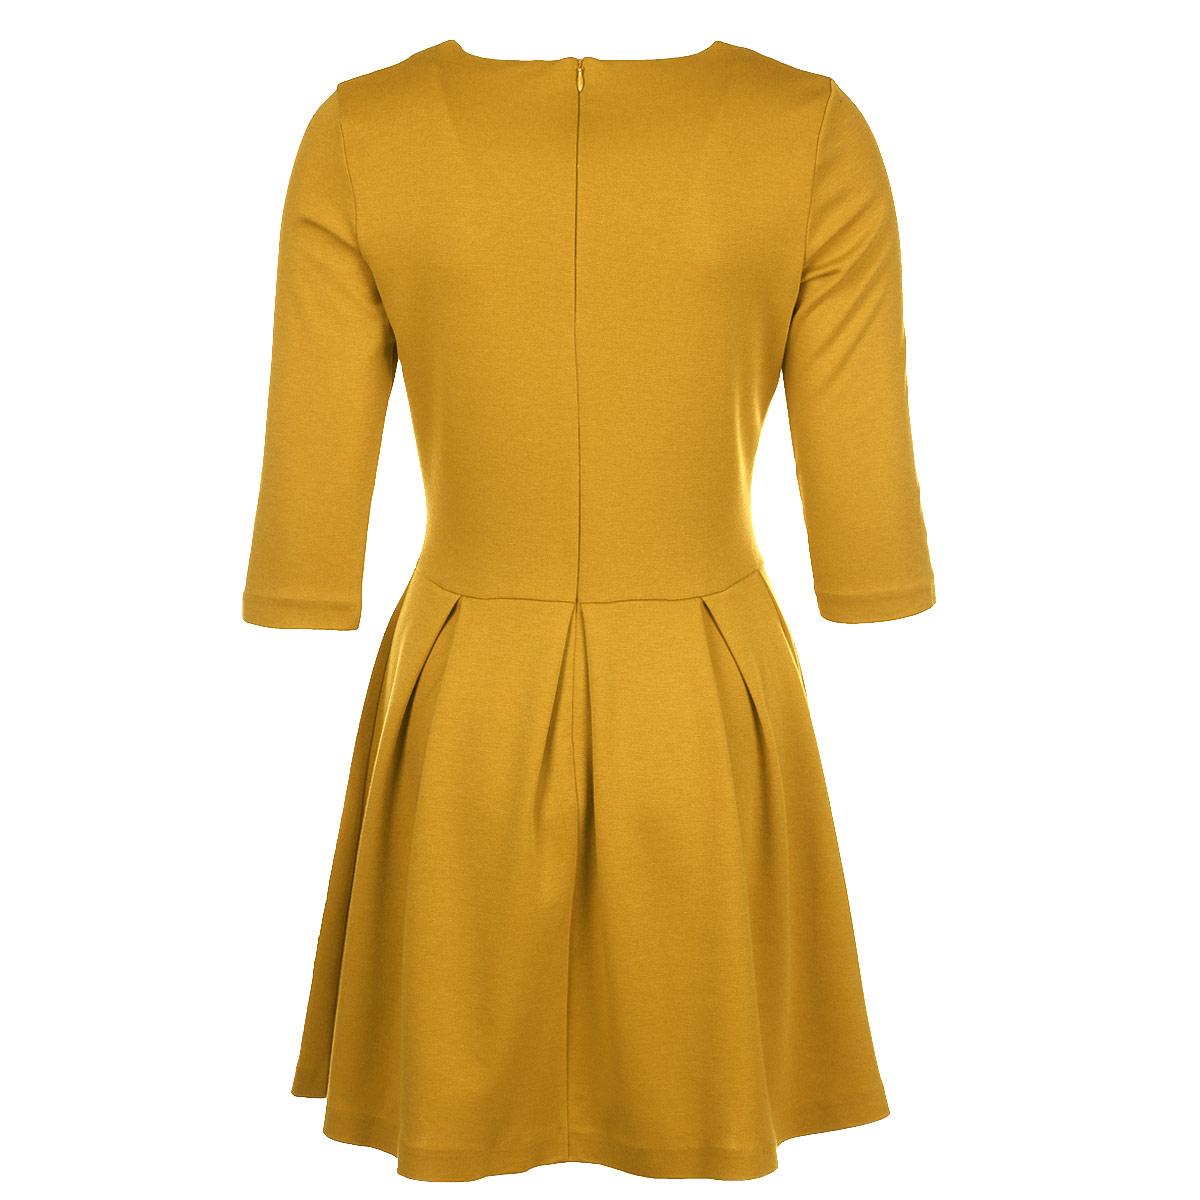 Платье. 5085-15085-1Элегантное платье Mondigo изготовлено из высококачественного материала. Такое платье обеспечит вам комфорт и удобство при носке. Платье с рукавами до локтя и с круглым вырезом горловины понравится любой ценительнице классического стиля. Платье имеет пришивную расклешенную юбку средней длины. Застегивается изделие на потайную молнию на спинке. Приталенный силуэт великолепно подчеркнет достоинства фигуры. Изысканный наряд создаст обворожительный неповторимый образ. Это модное и удобное платье станет превосходным дополнением к вашему гардеробу, оно подарит вам удобство и поможет вам подчеркнуть свой вкус и неповторимый стиль.